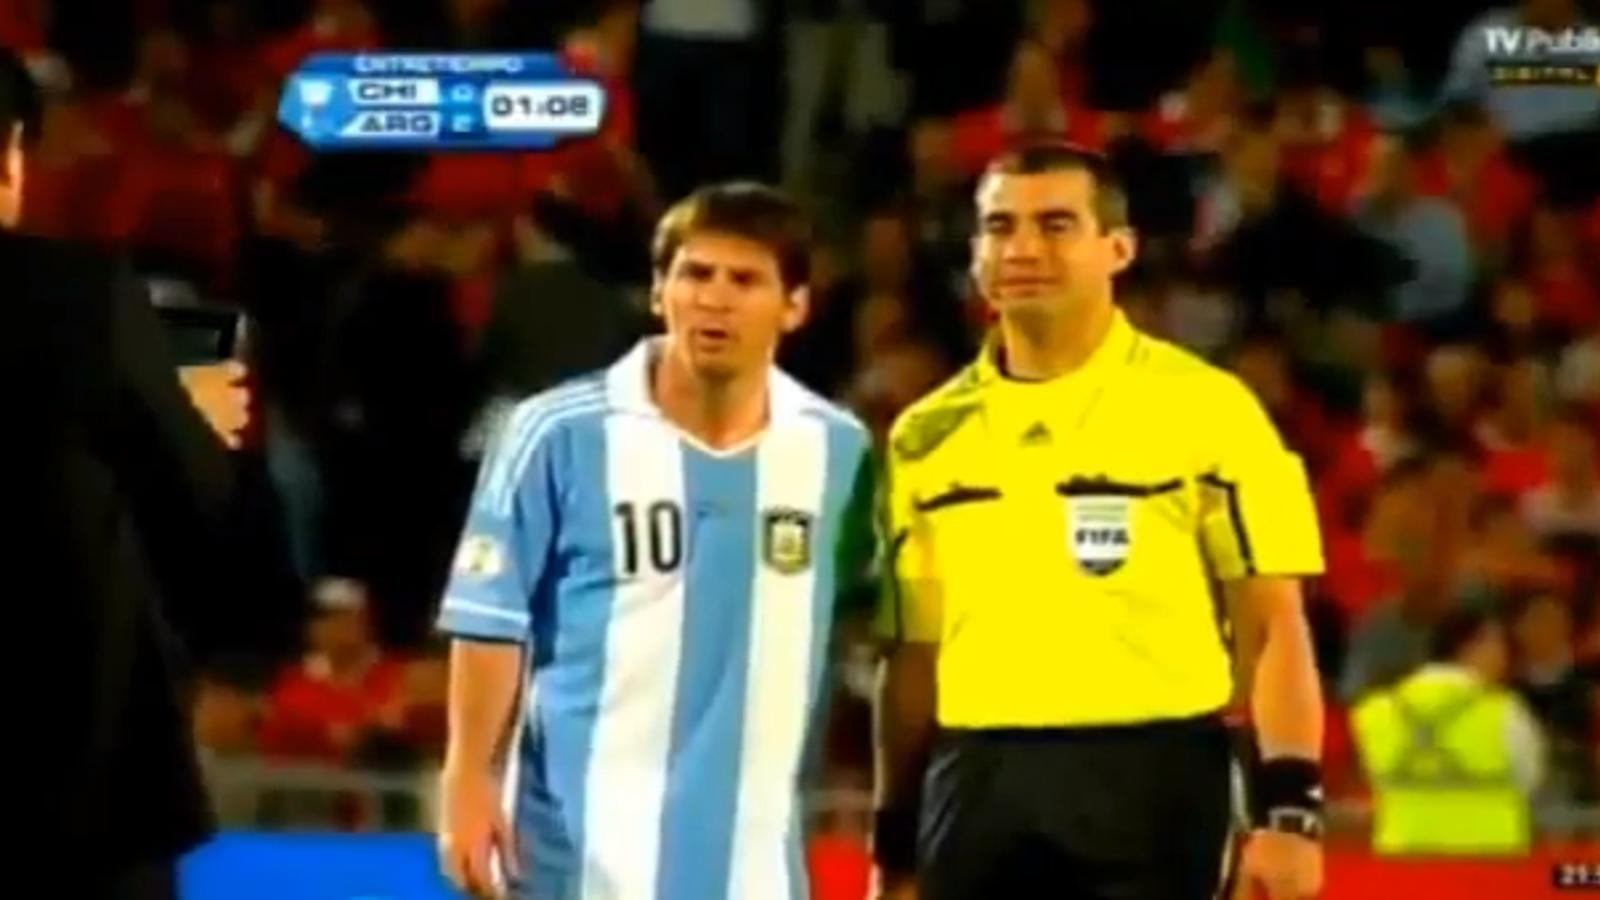 Un jutge de línia demana fer-se una foto amb Messi al descans del partit Xile-Argentina